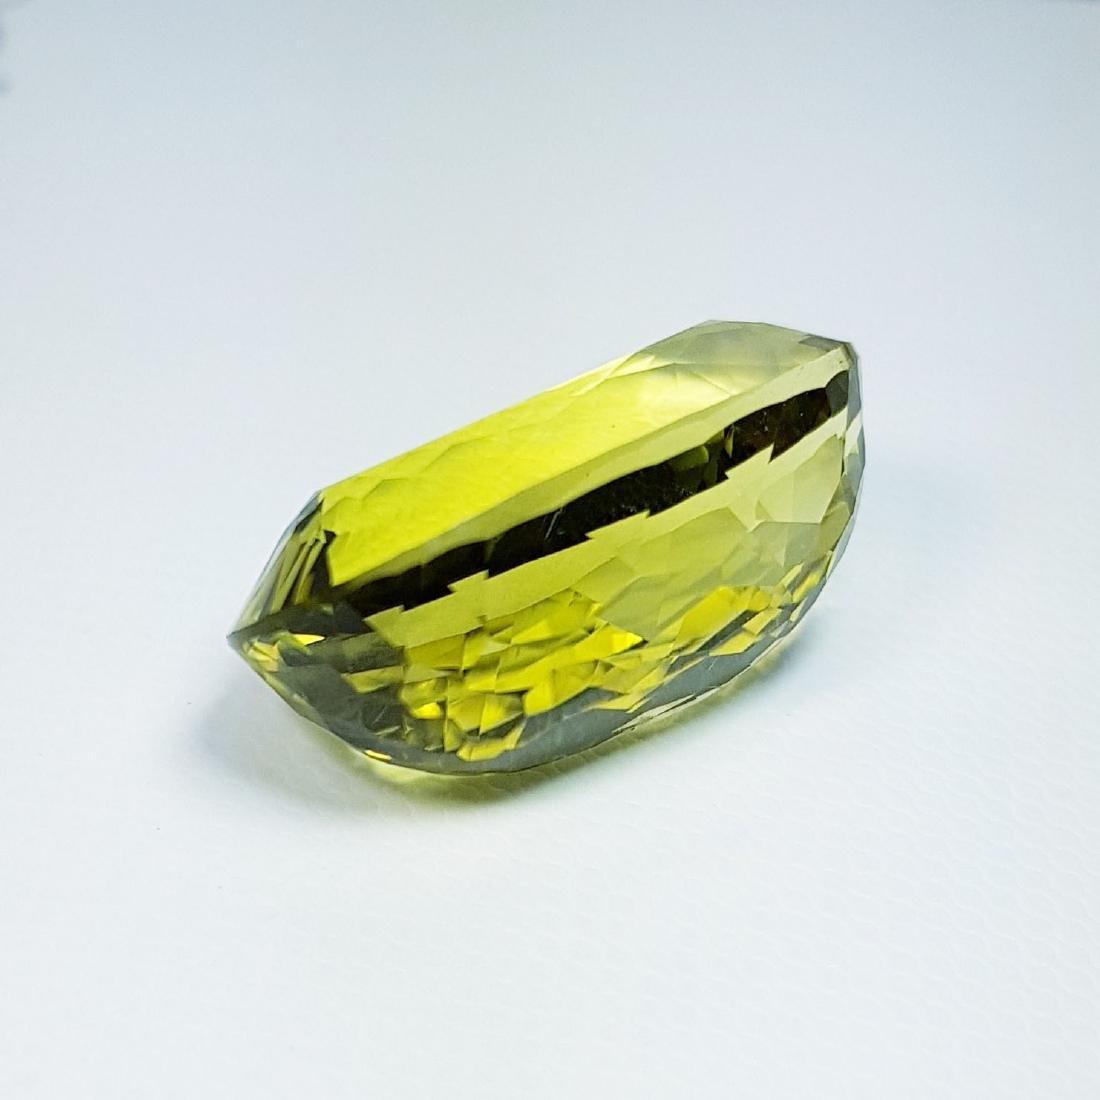 Green Gold Quartz - 29.15 ct - 4